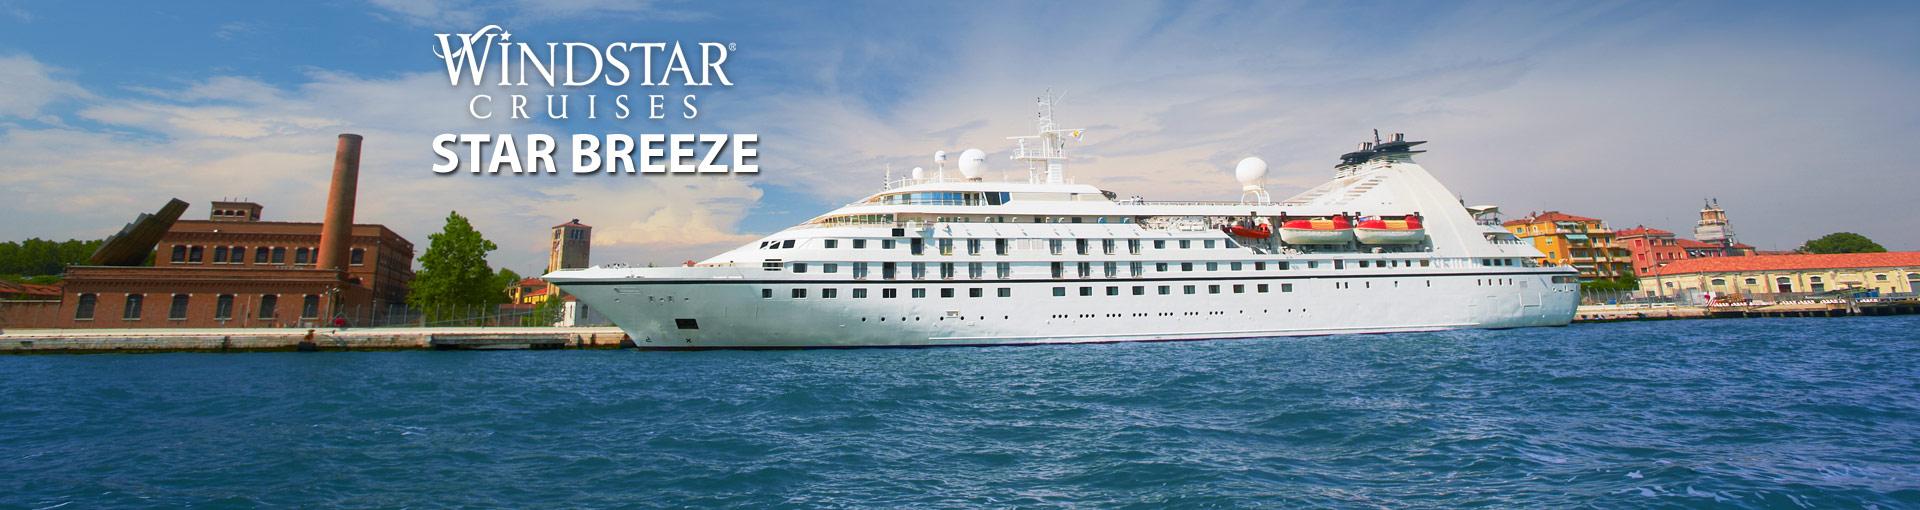 Windstar Cruises Star Breeze Cruise Ship